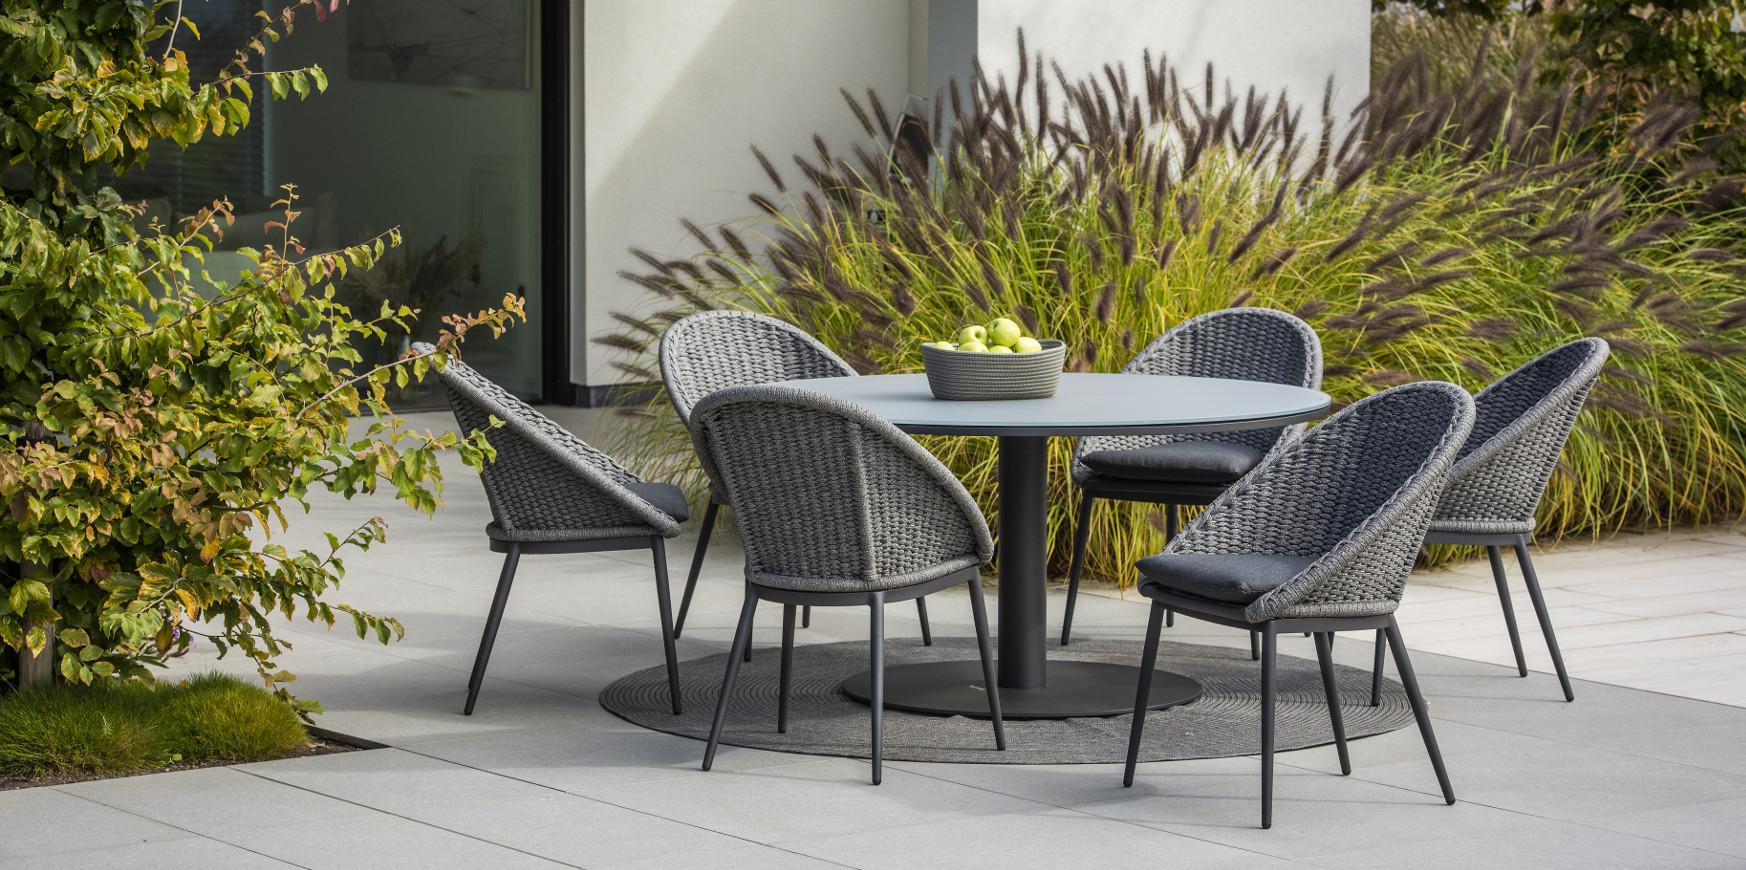 Mobilier De Jardin - Magasin De Meubles Extérieur Haut De ... pour Salon De Jardin En Promotion